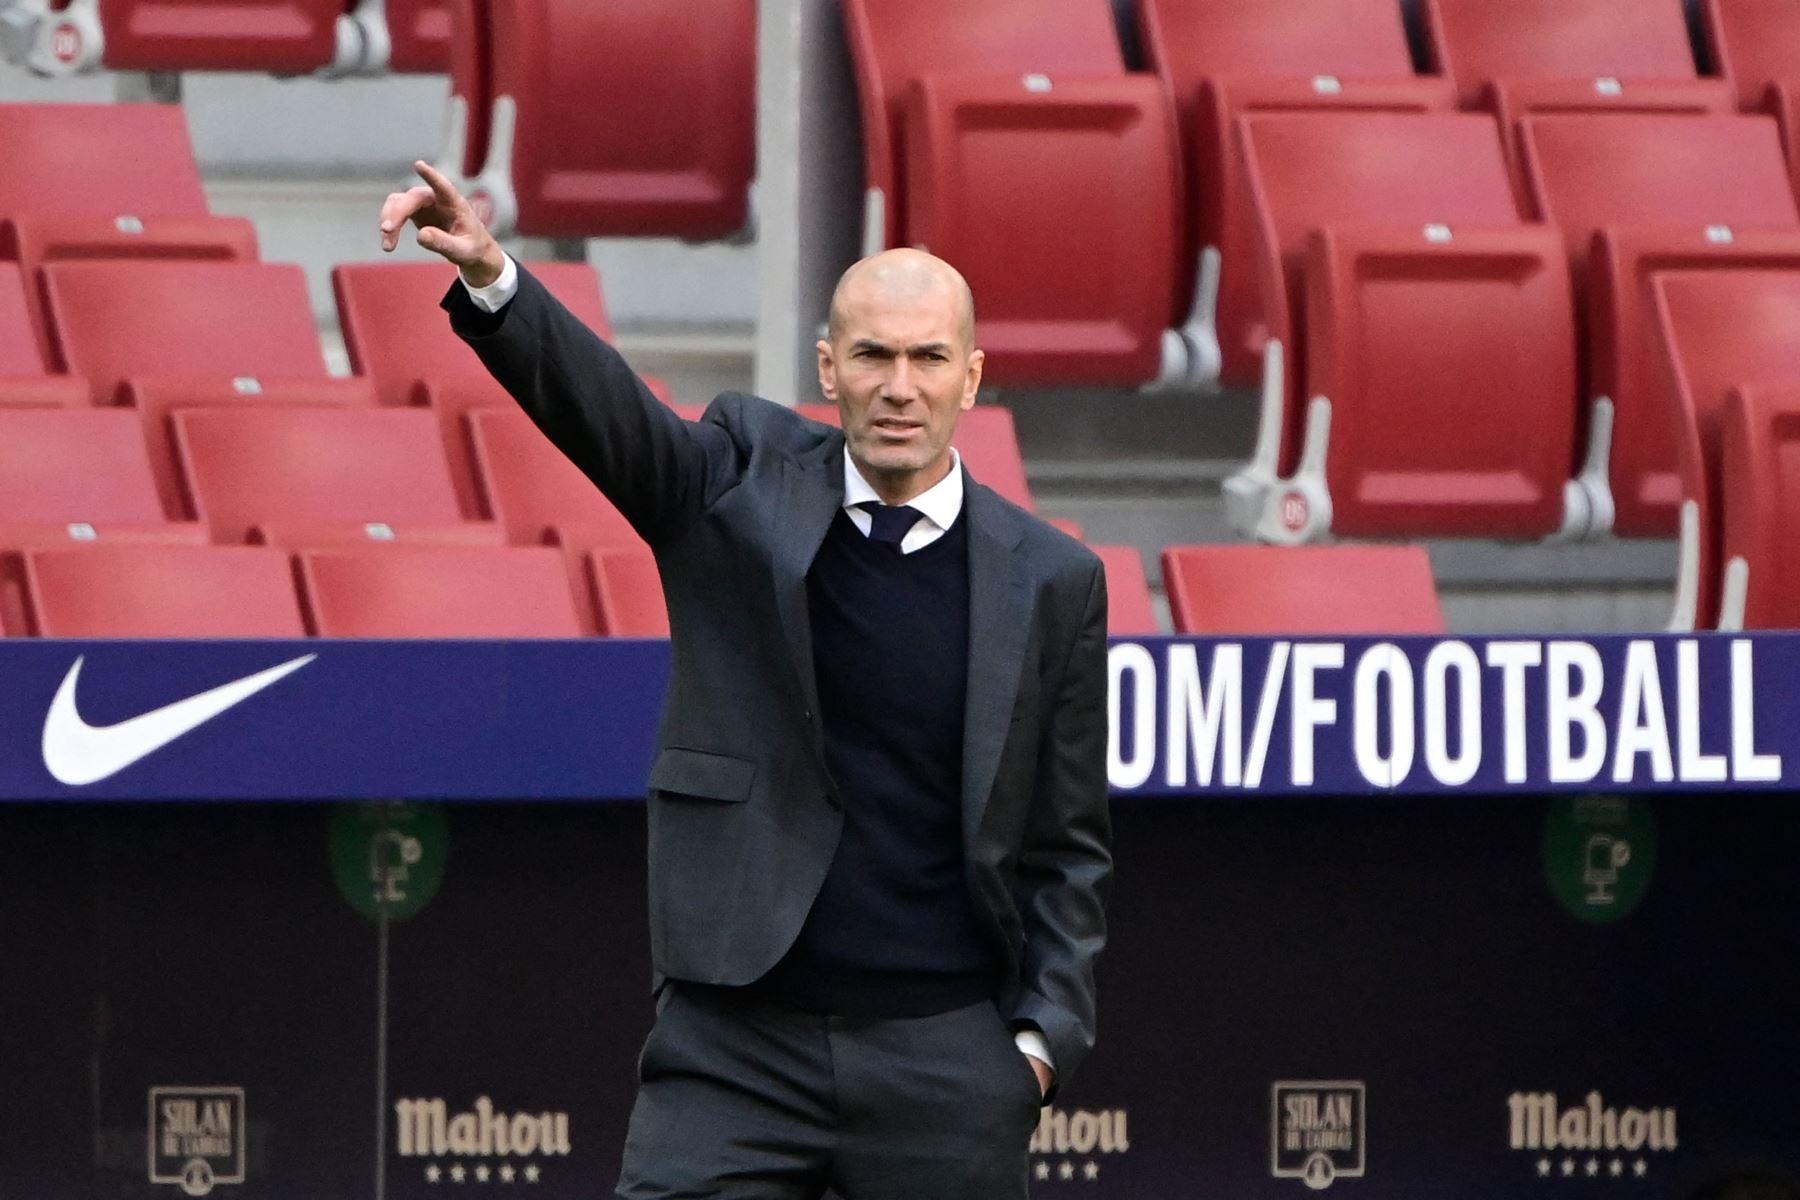 El técnico francés del Real Madrid, Zinedine Zidane, hace gestos durante el partido de fútbol de la liga española Club Atlético de Madrid contra el Real Madrid. Foto: AFP